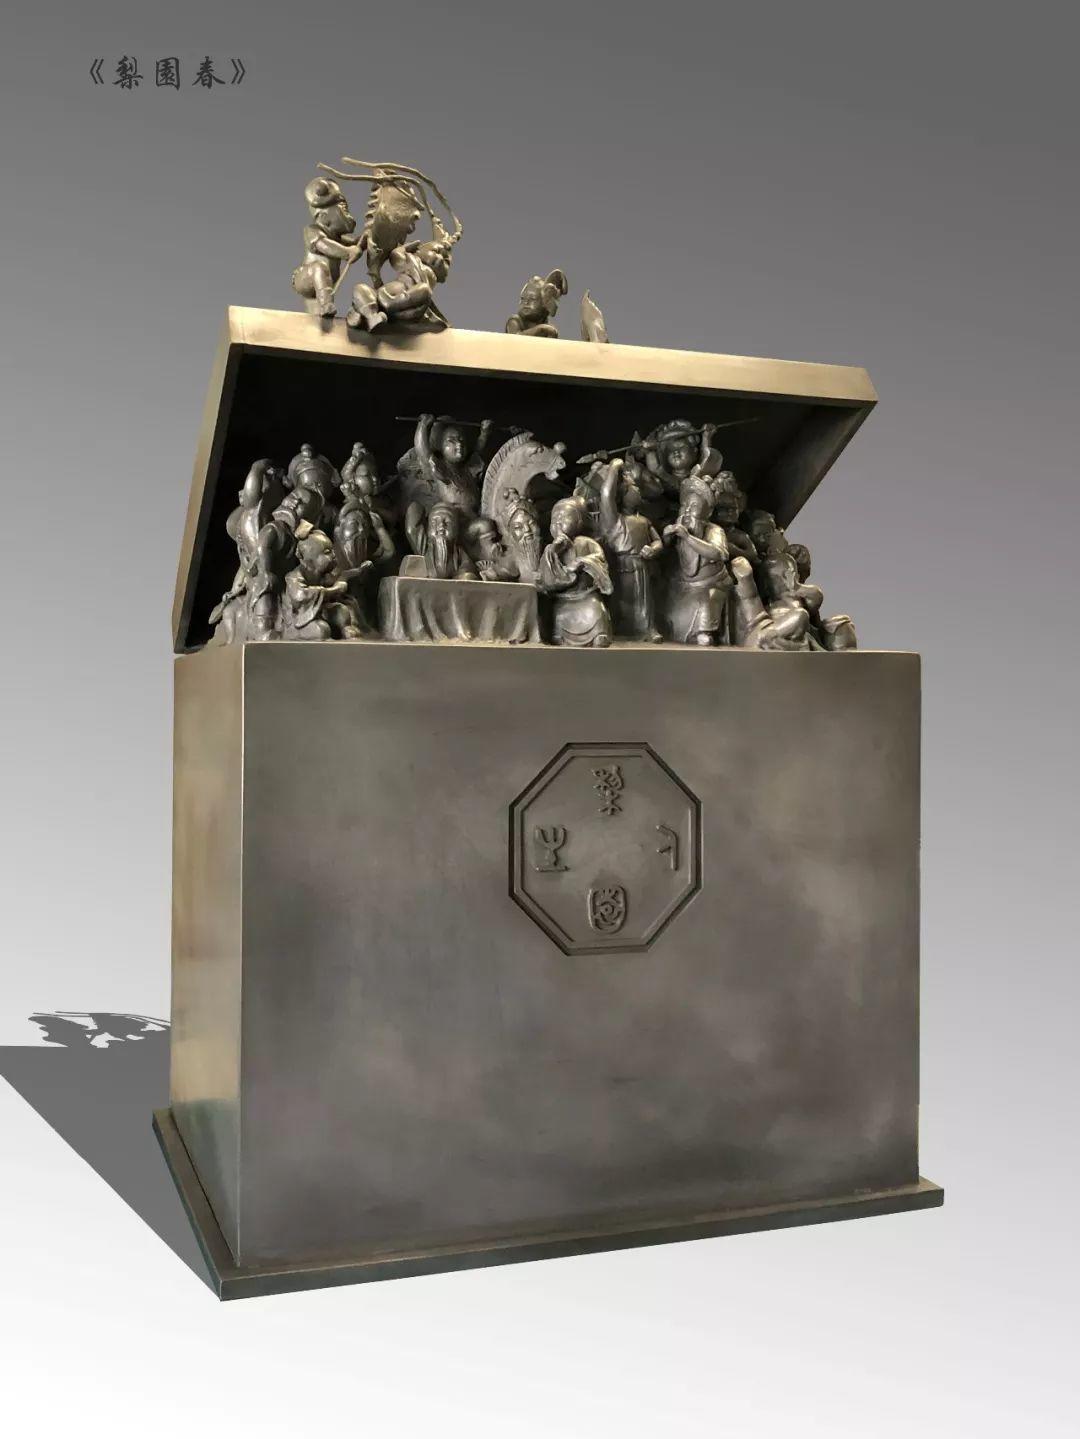 第十三届全国美展·雕塑作品展插图503